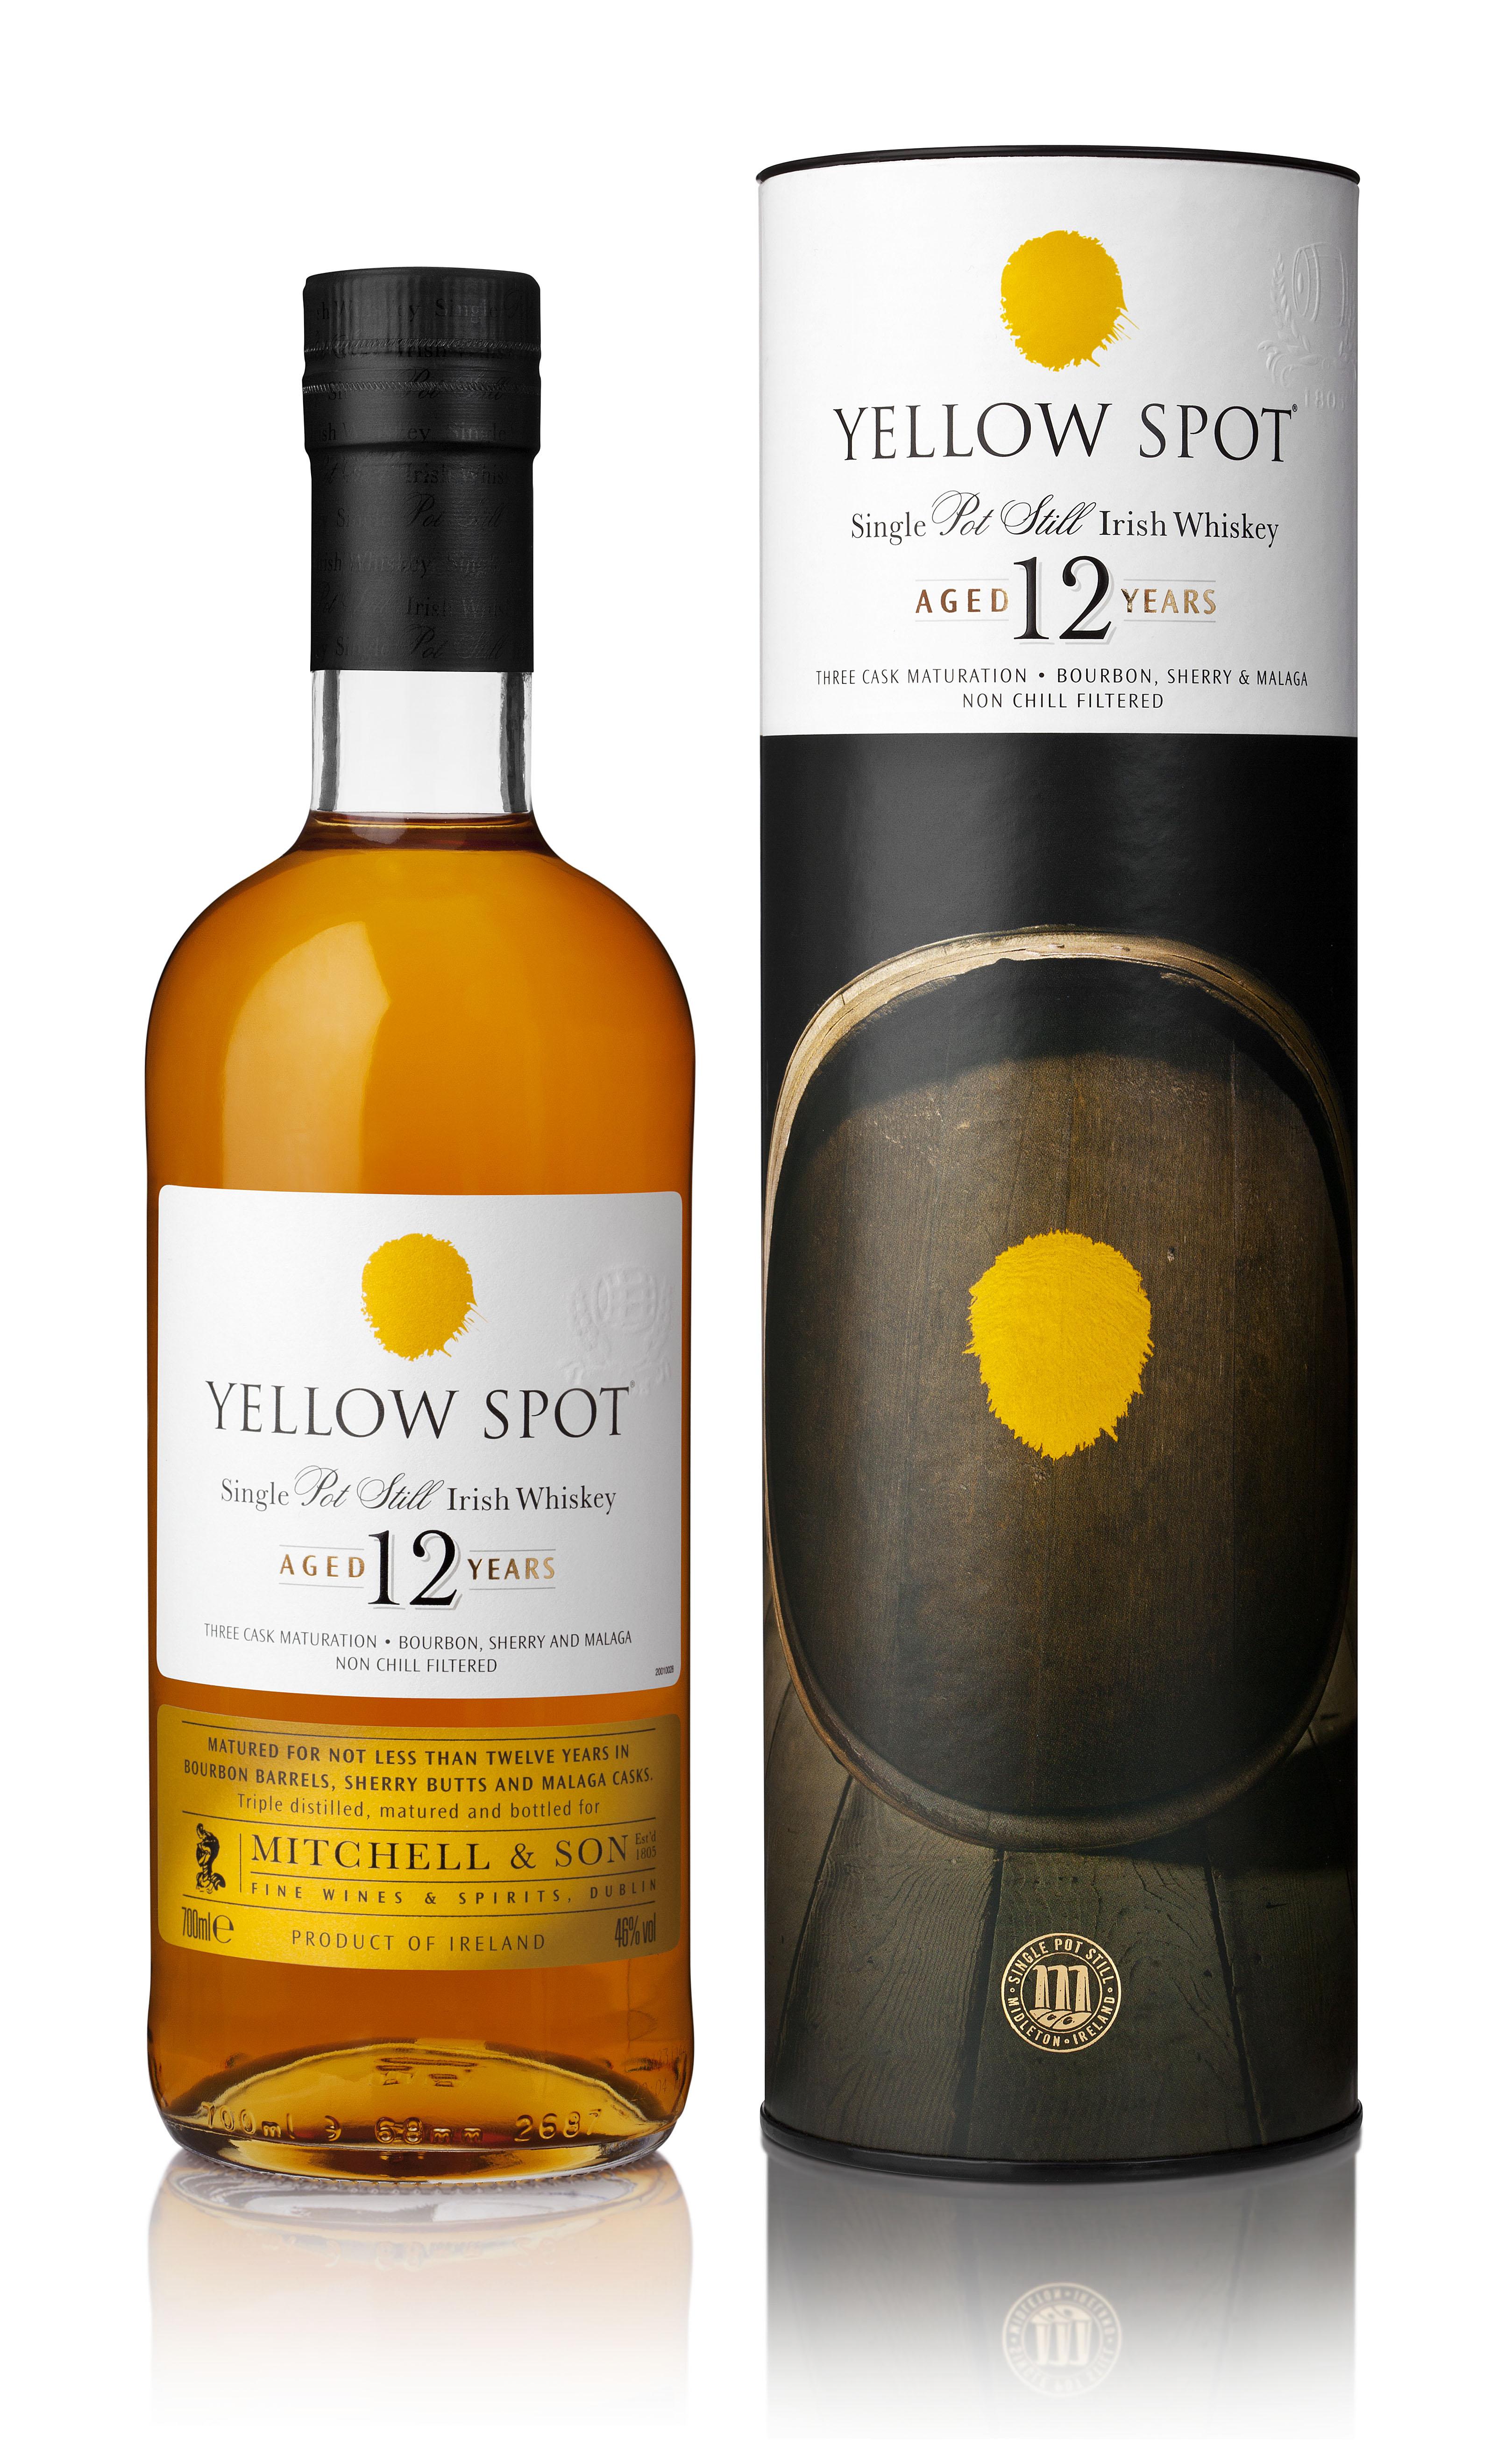 Yellow Spot Irish Whiskey 12 Years Old